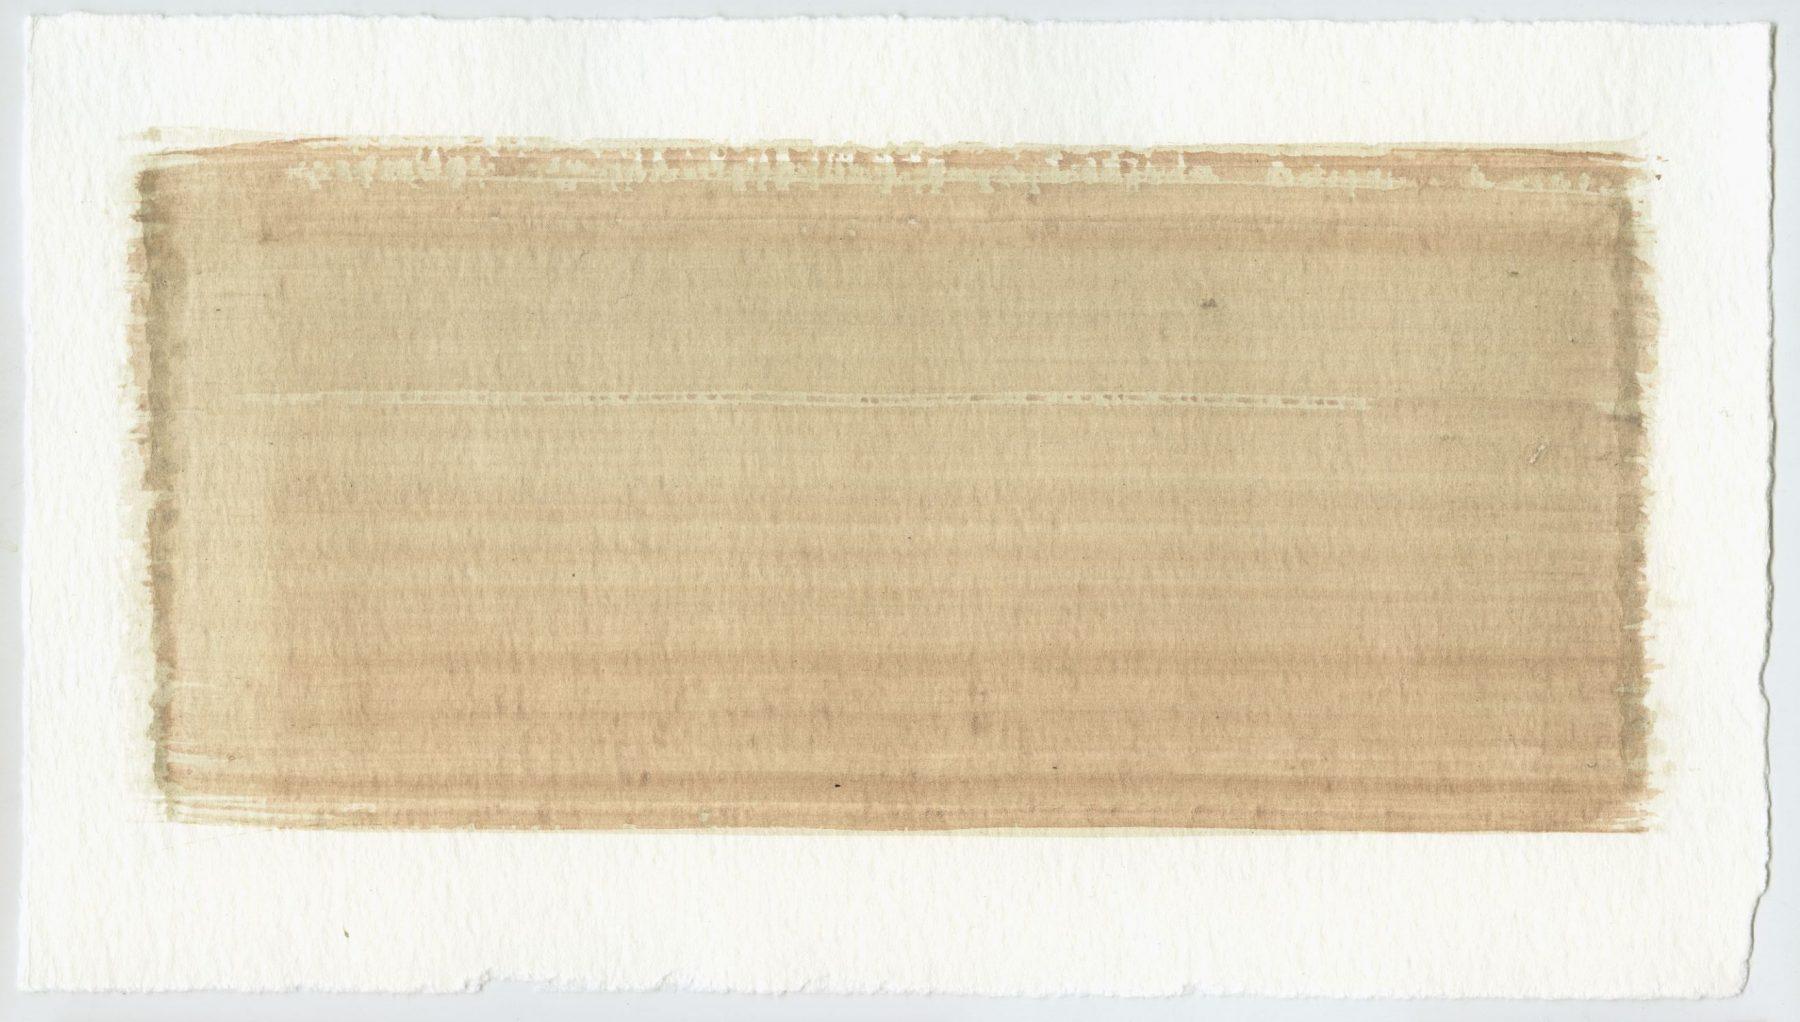 Brush stroke no. 114 - Selfmade pigment: Mortelse oker gebrand, Perekker grijs